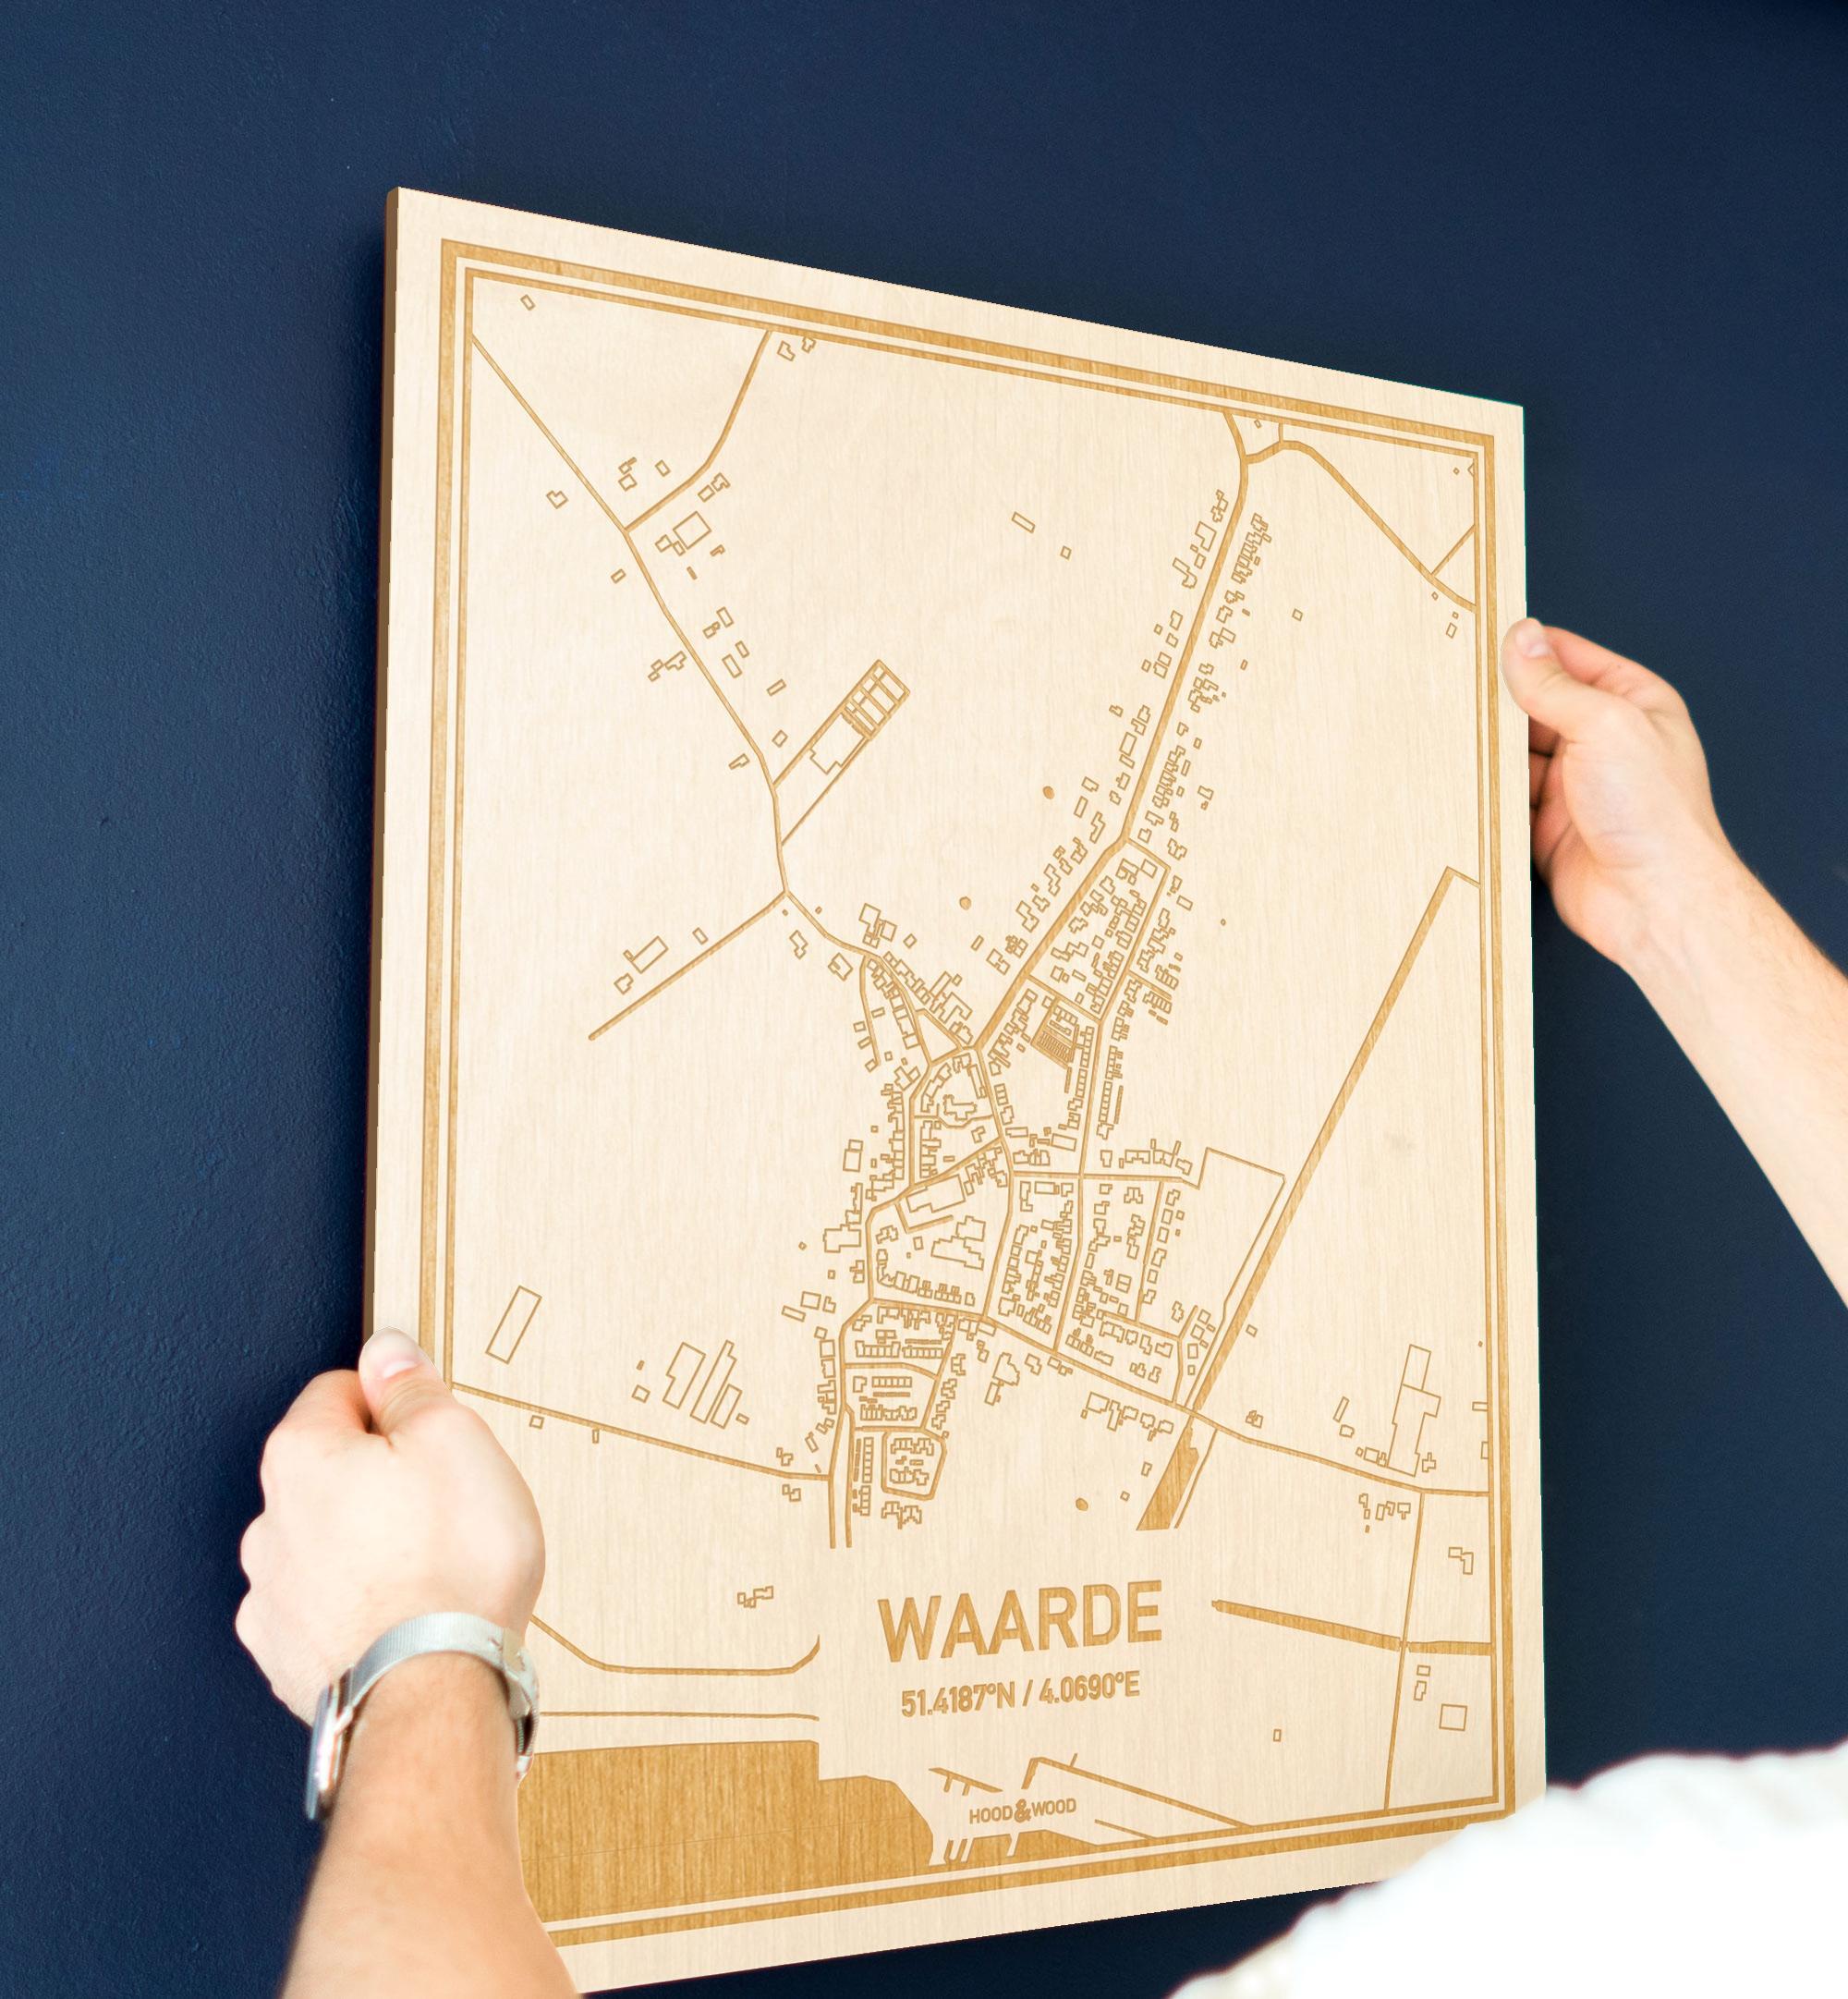 Een man hangt de houten plattegrond Waarde aan zijn blauwe muur ter decoratie. Je ziet alleen zijn handen de kaart van deze originele in Zeeland vasthouden.